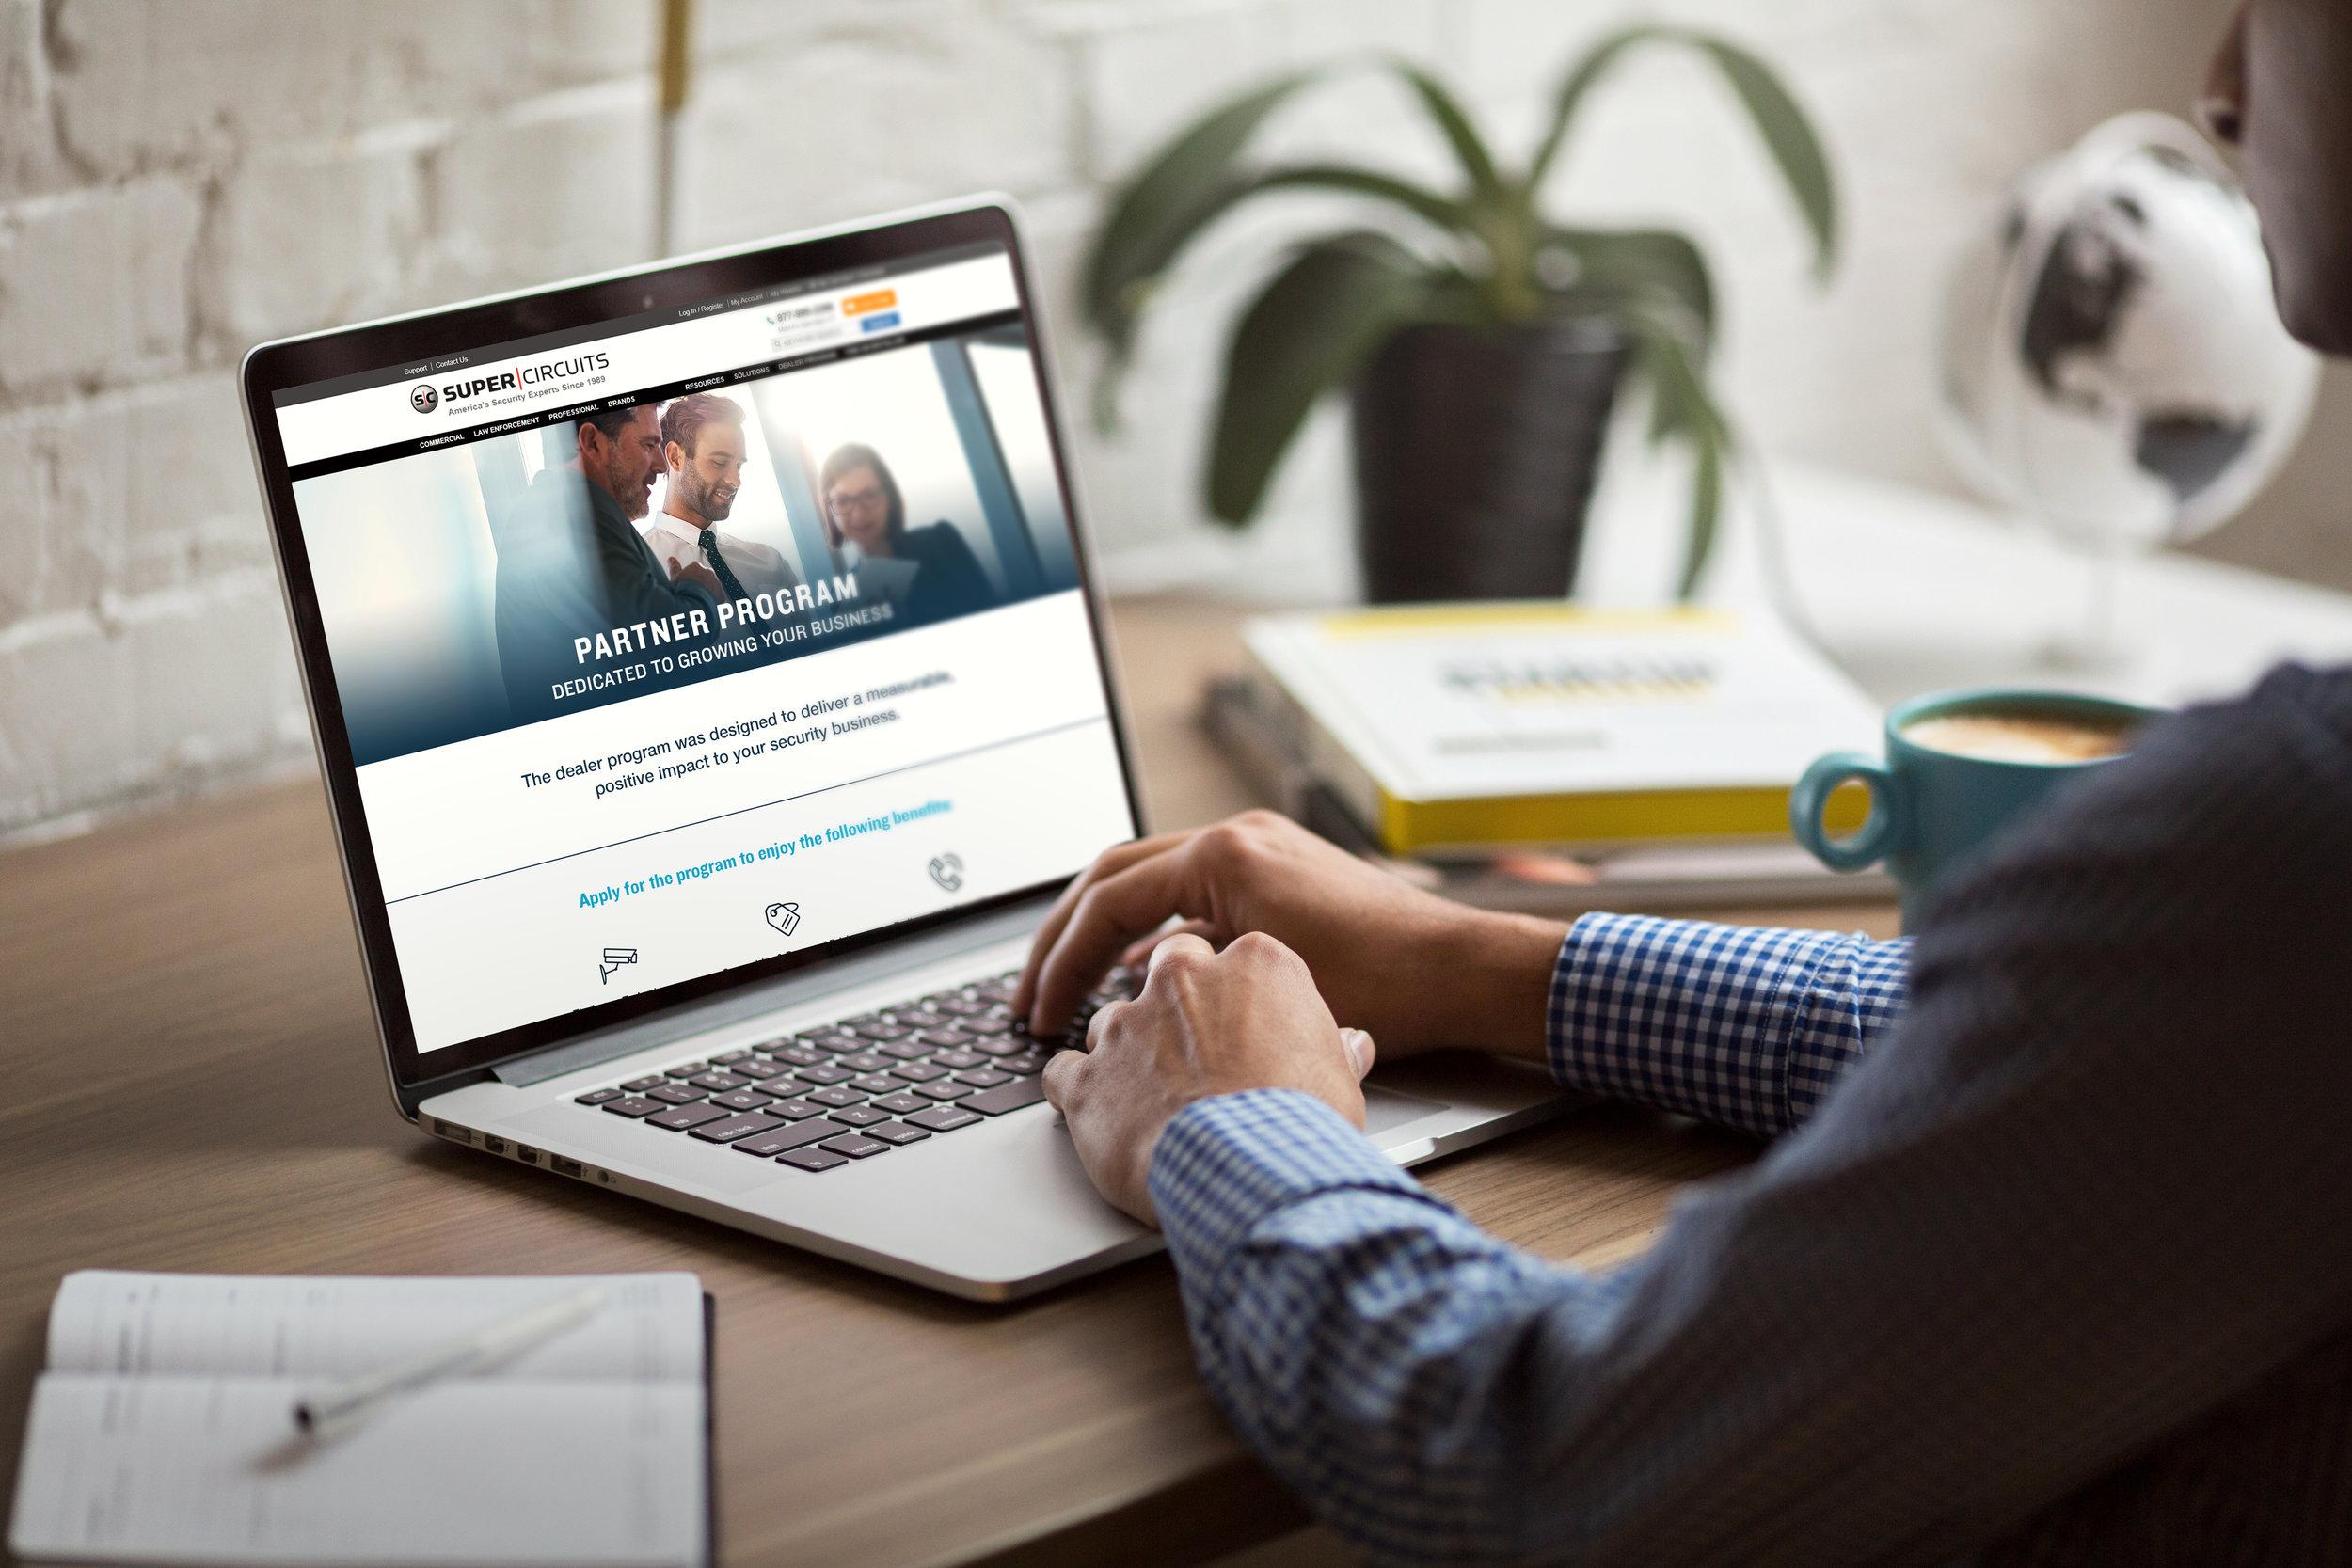 Dealer Program Landing Page - Web design